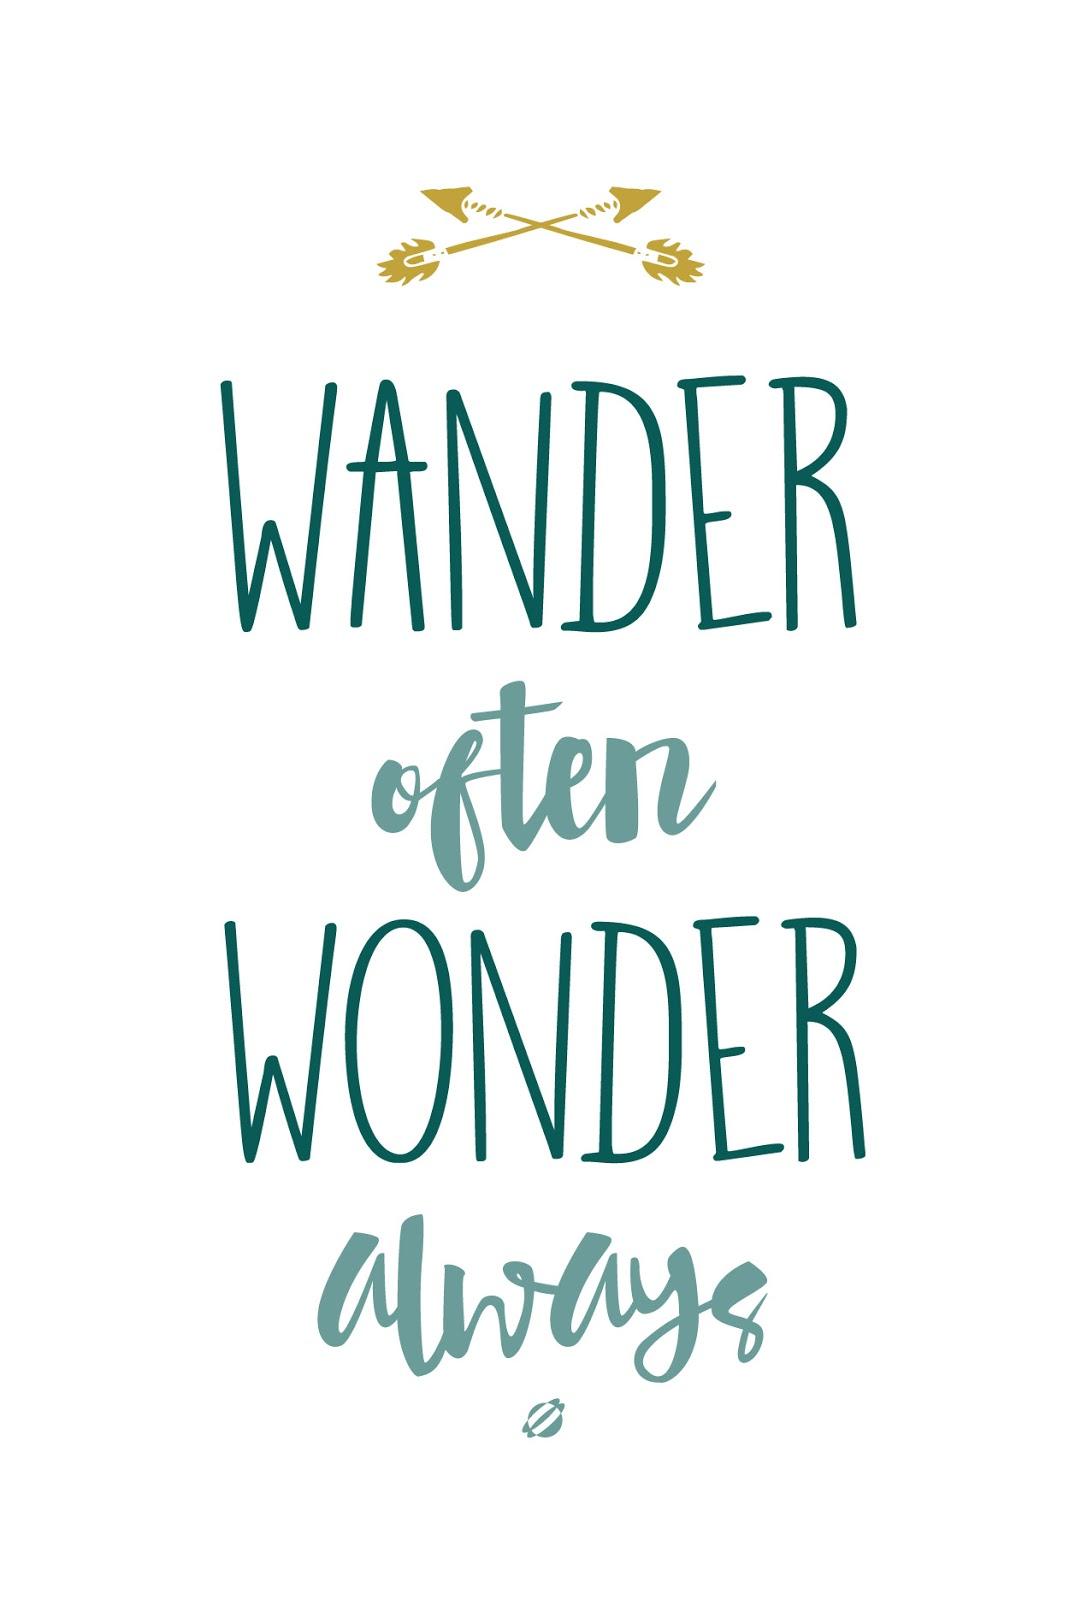 Image result for wander often wonder always